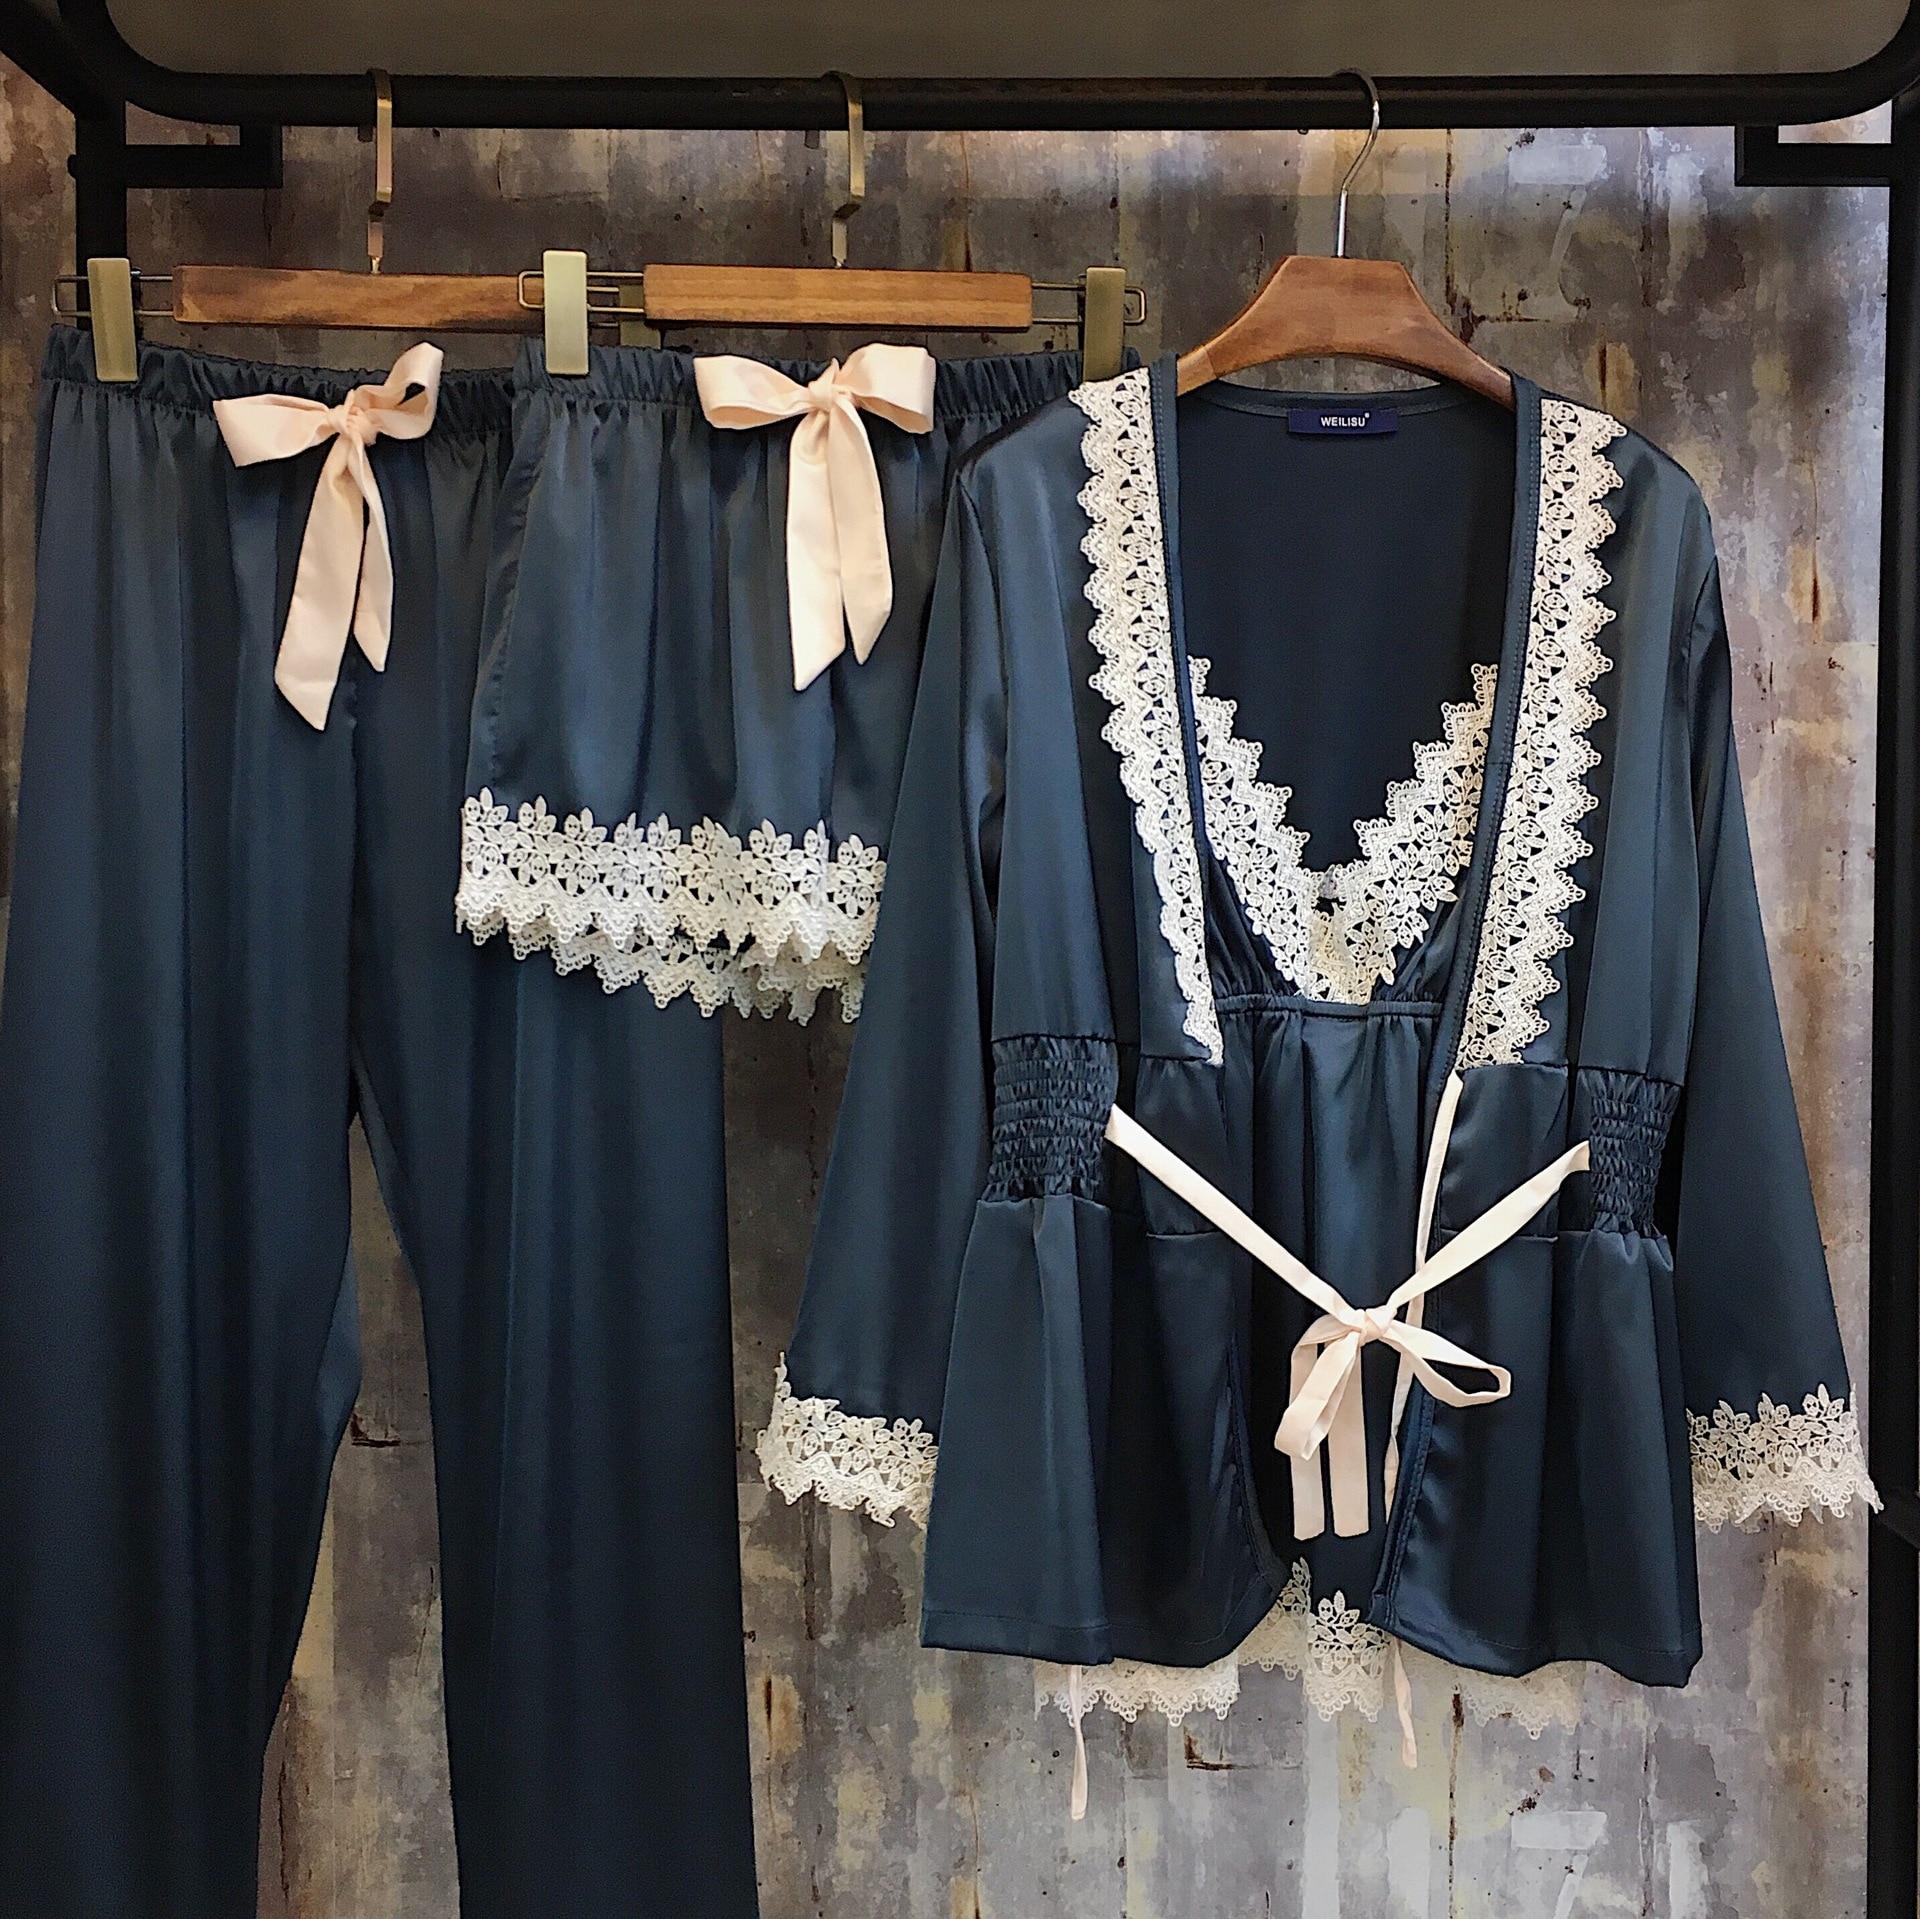 Пижамный комплект Женский из 4 предметов, пикантная одежда для сна, Шелковый Атласный кружевной пижамный комплект, Элегантная Шелковая пижа...